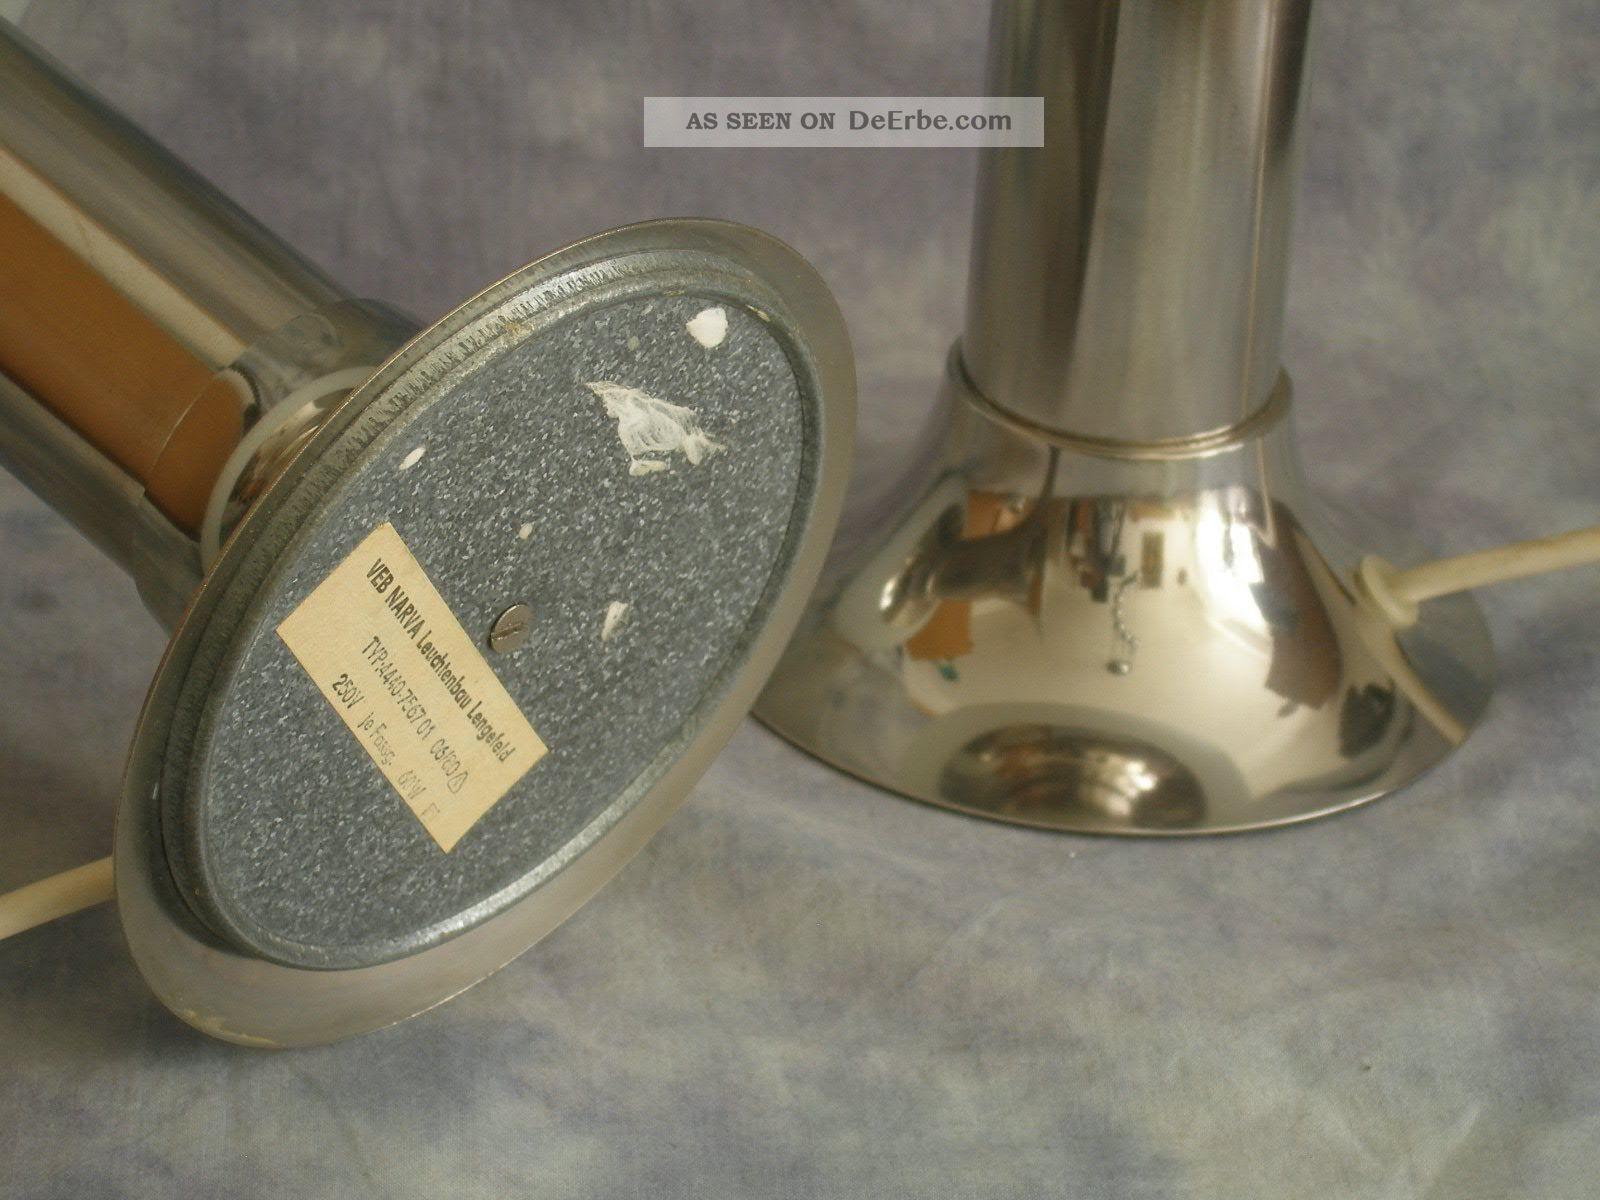 Lampenpaar Beistelllampen 70er Narva Gdr Ddr Space Age